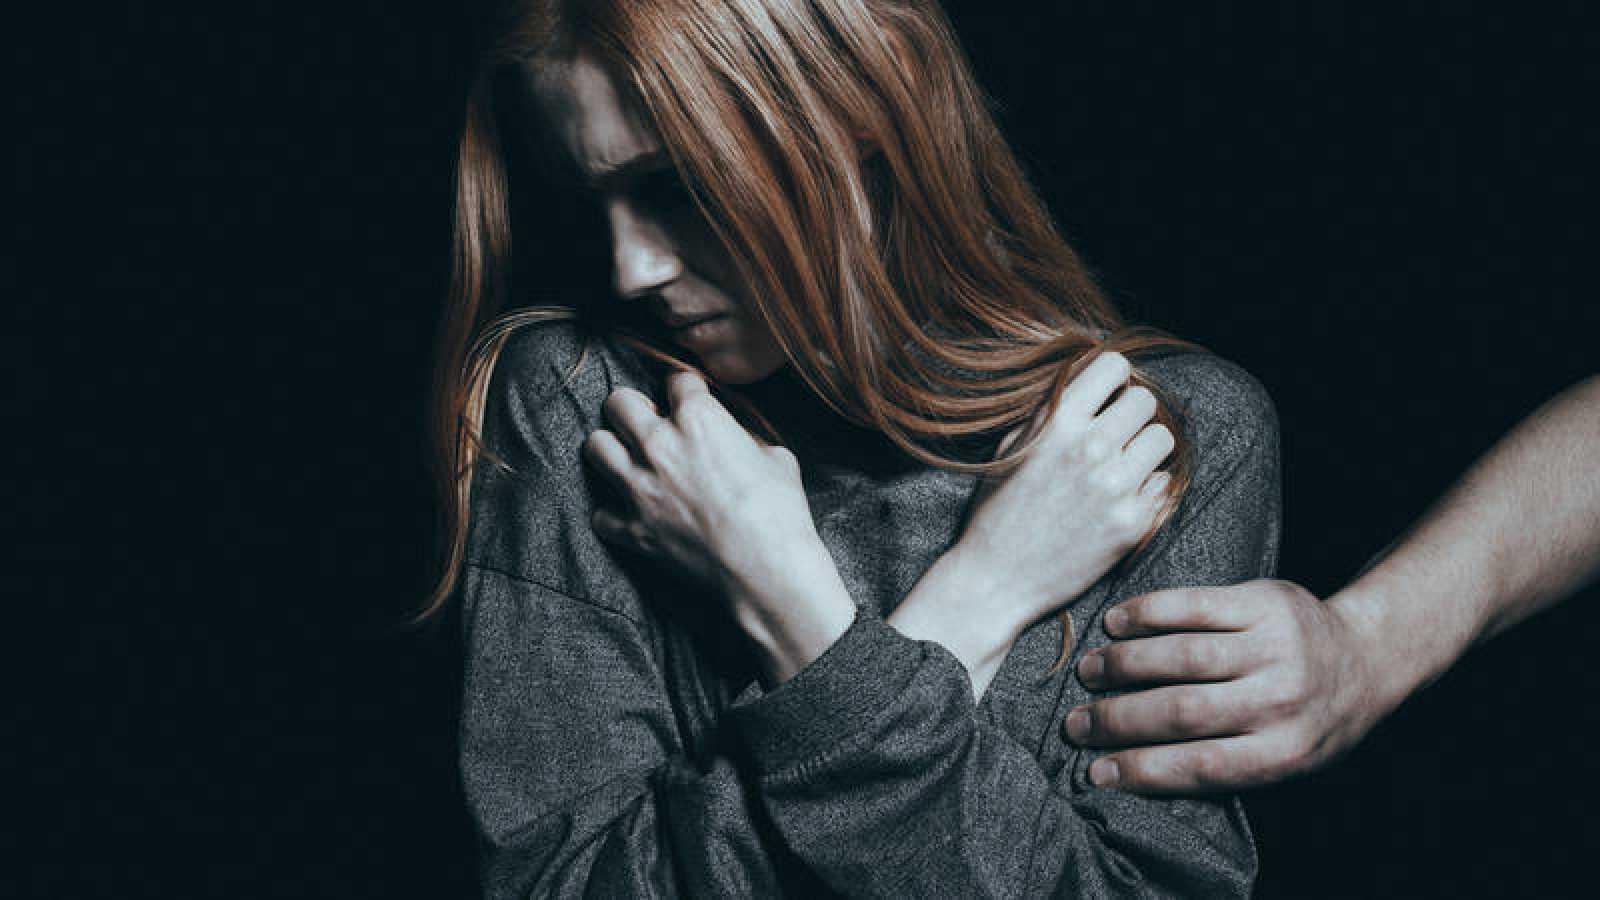 Fotografía de recurso de una mujer abusada